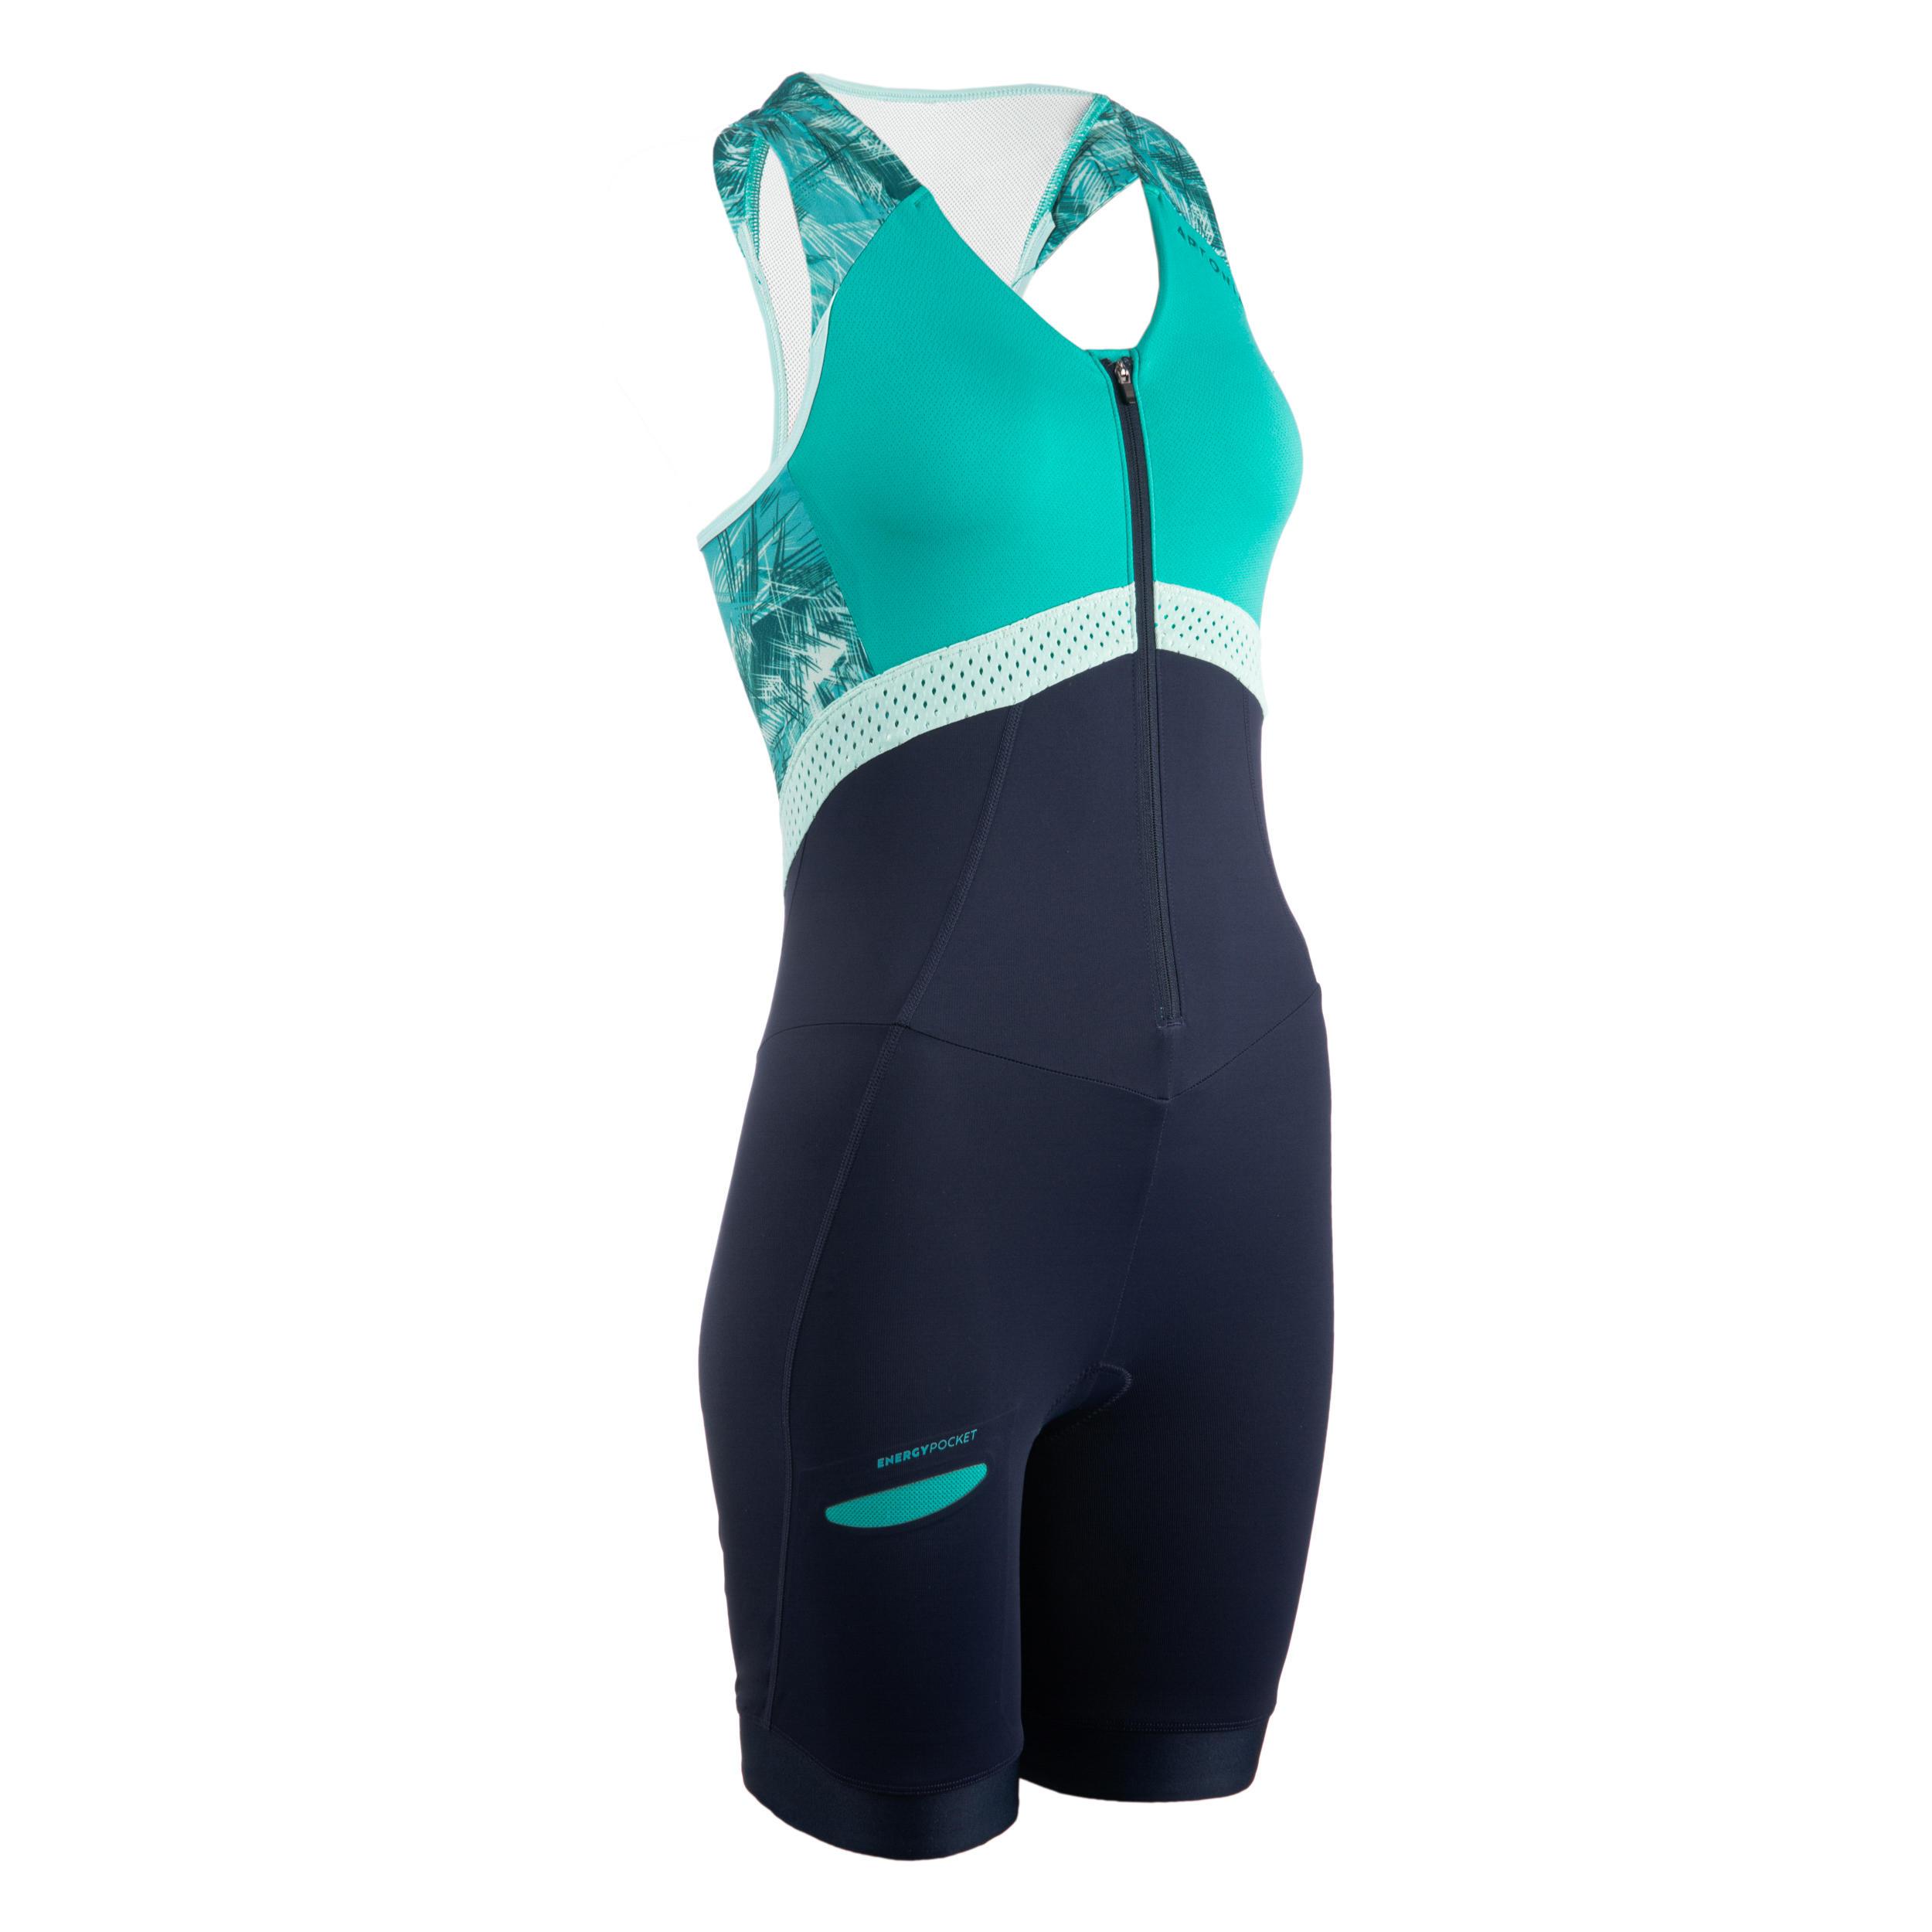 Aptonia Trisuit voor korte afstanden dames marineblauw/groen